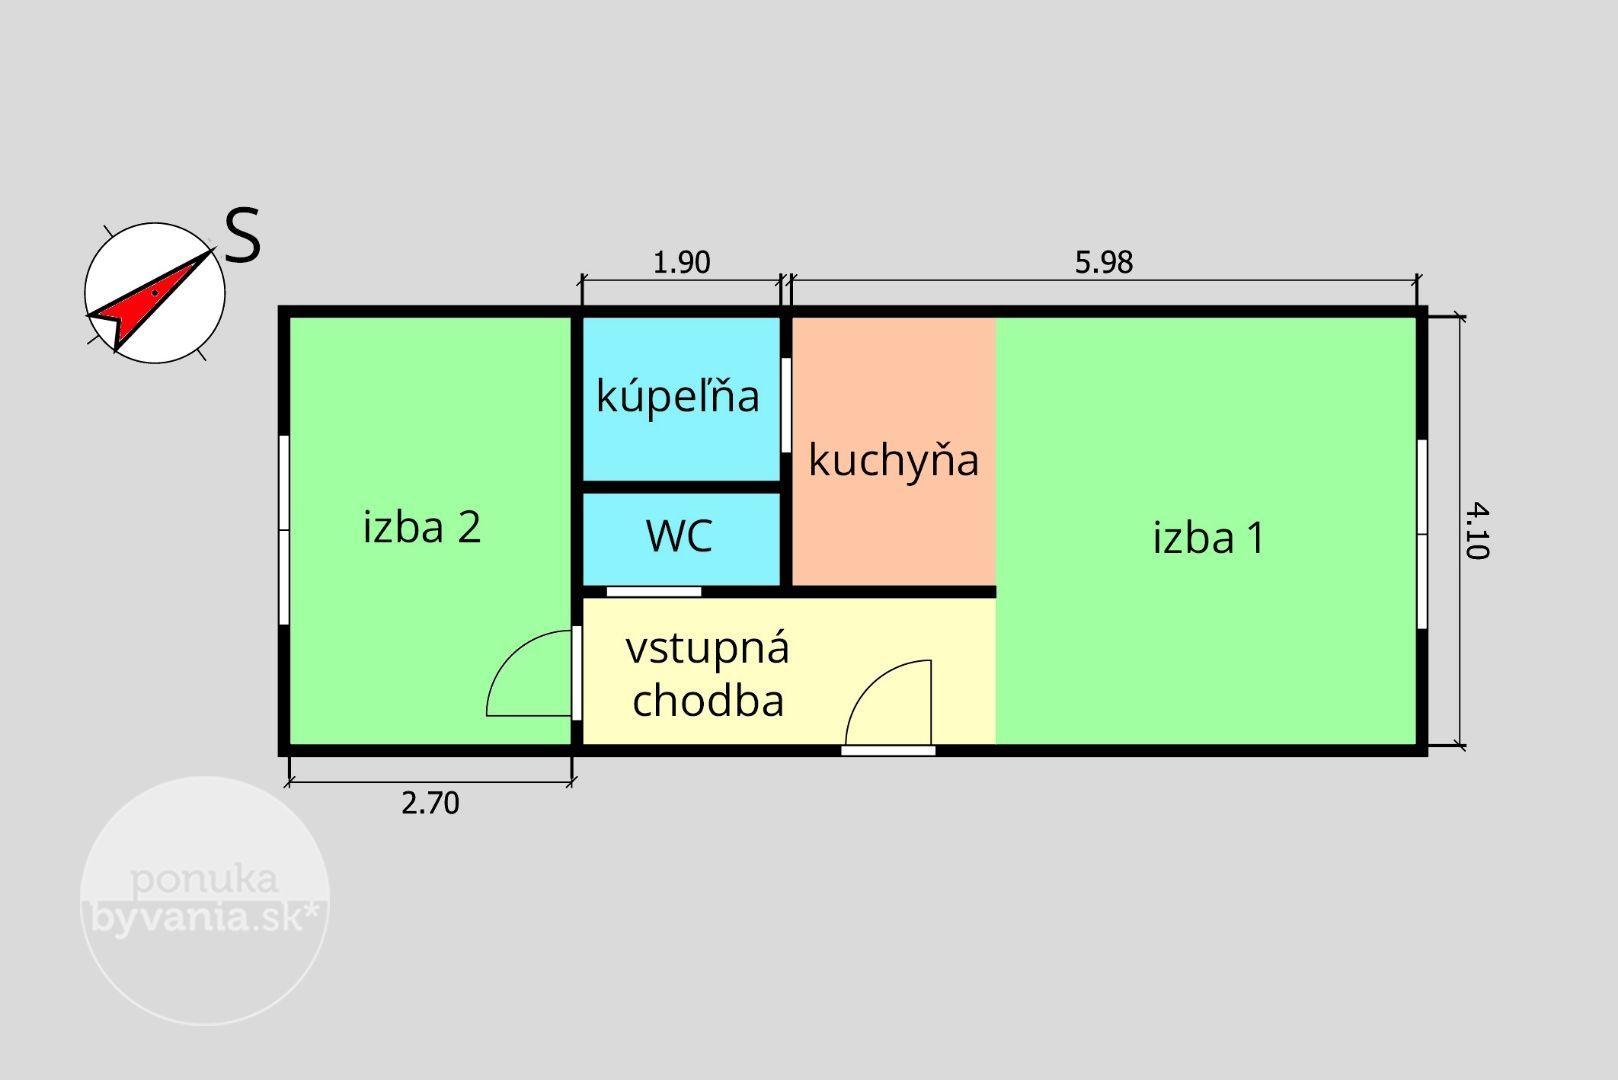 ponukabyvania.sk_Studenohorská_2-izbový-byt_KALISKÝ